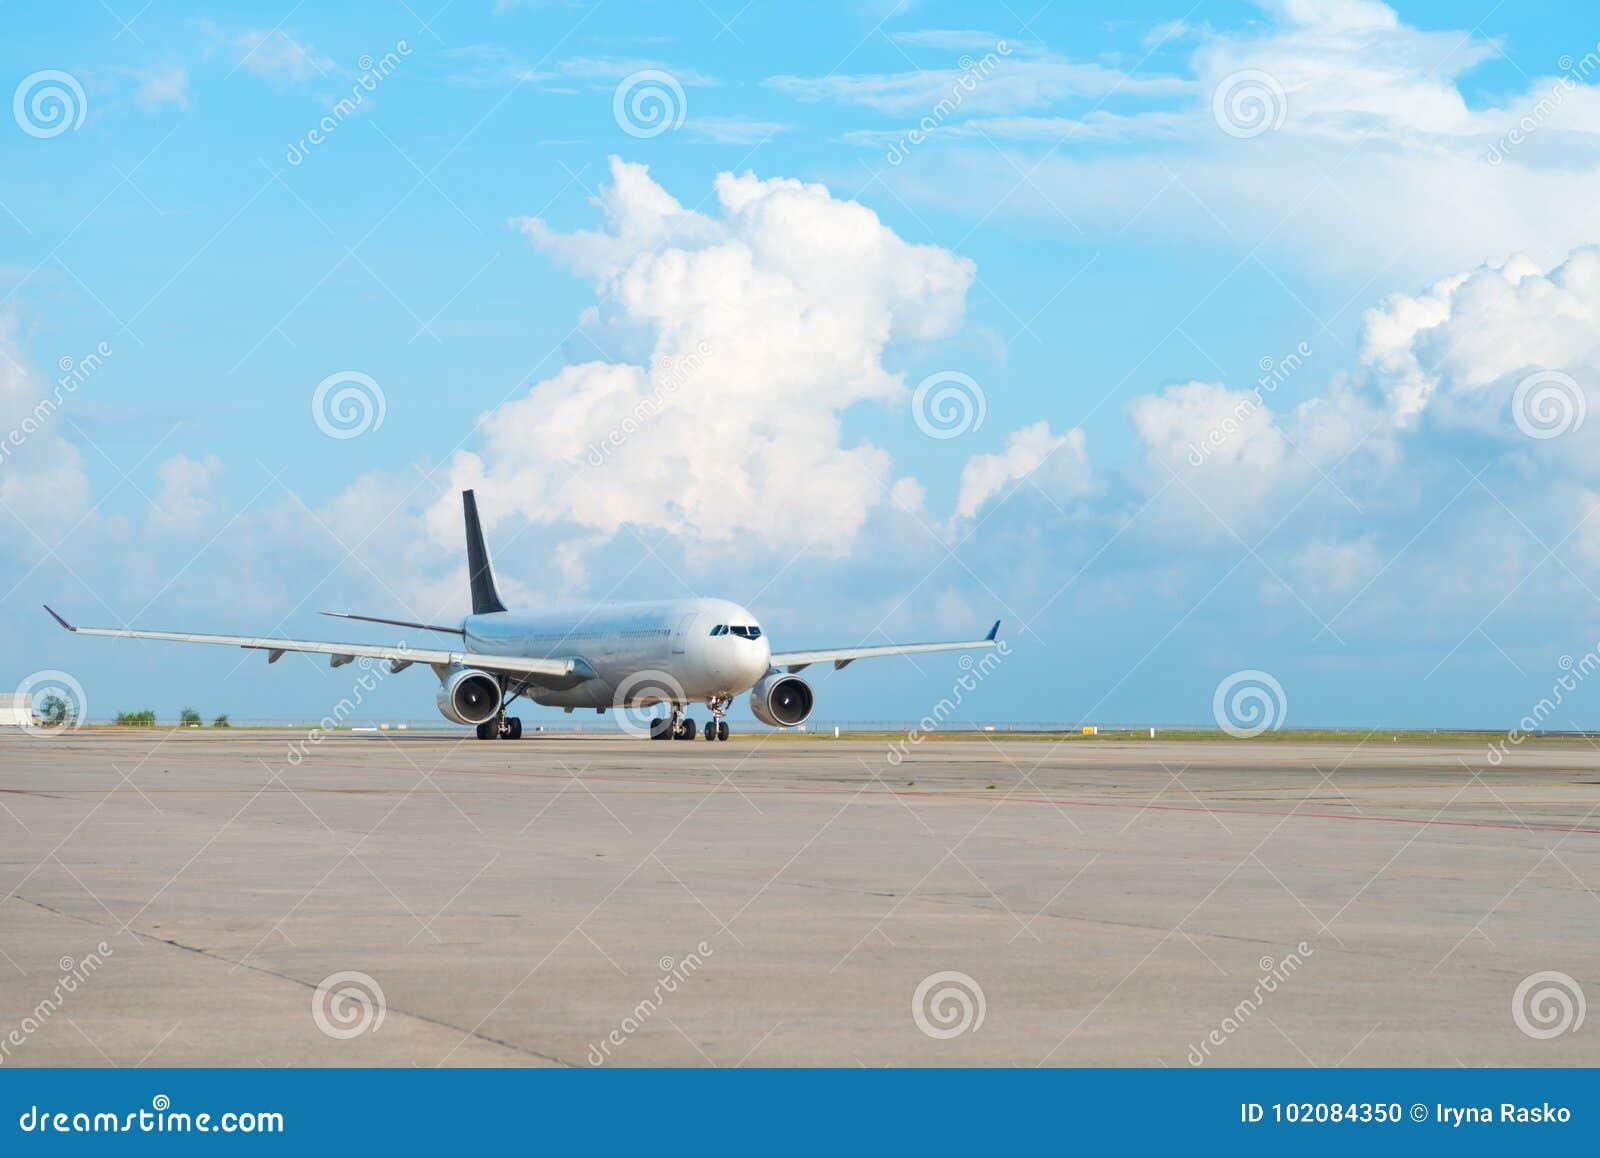 Αεροπλάνο στη λουρίδα διαδρόμων σε έναν αερολιμένα